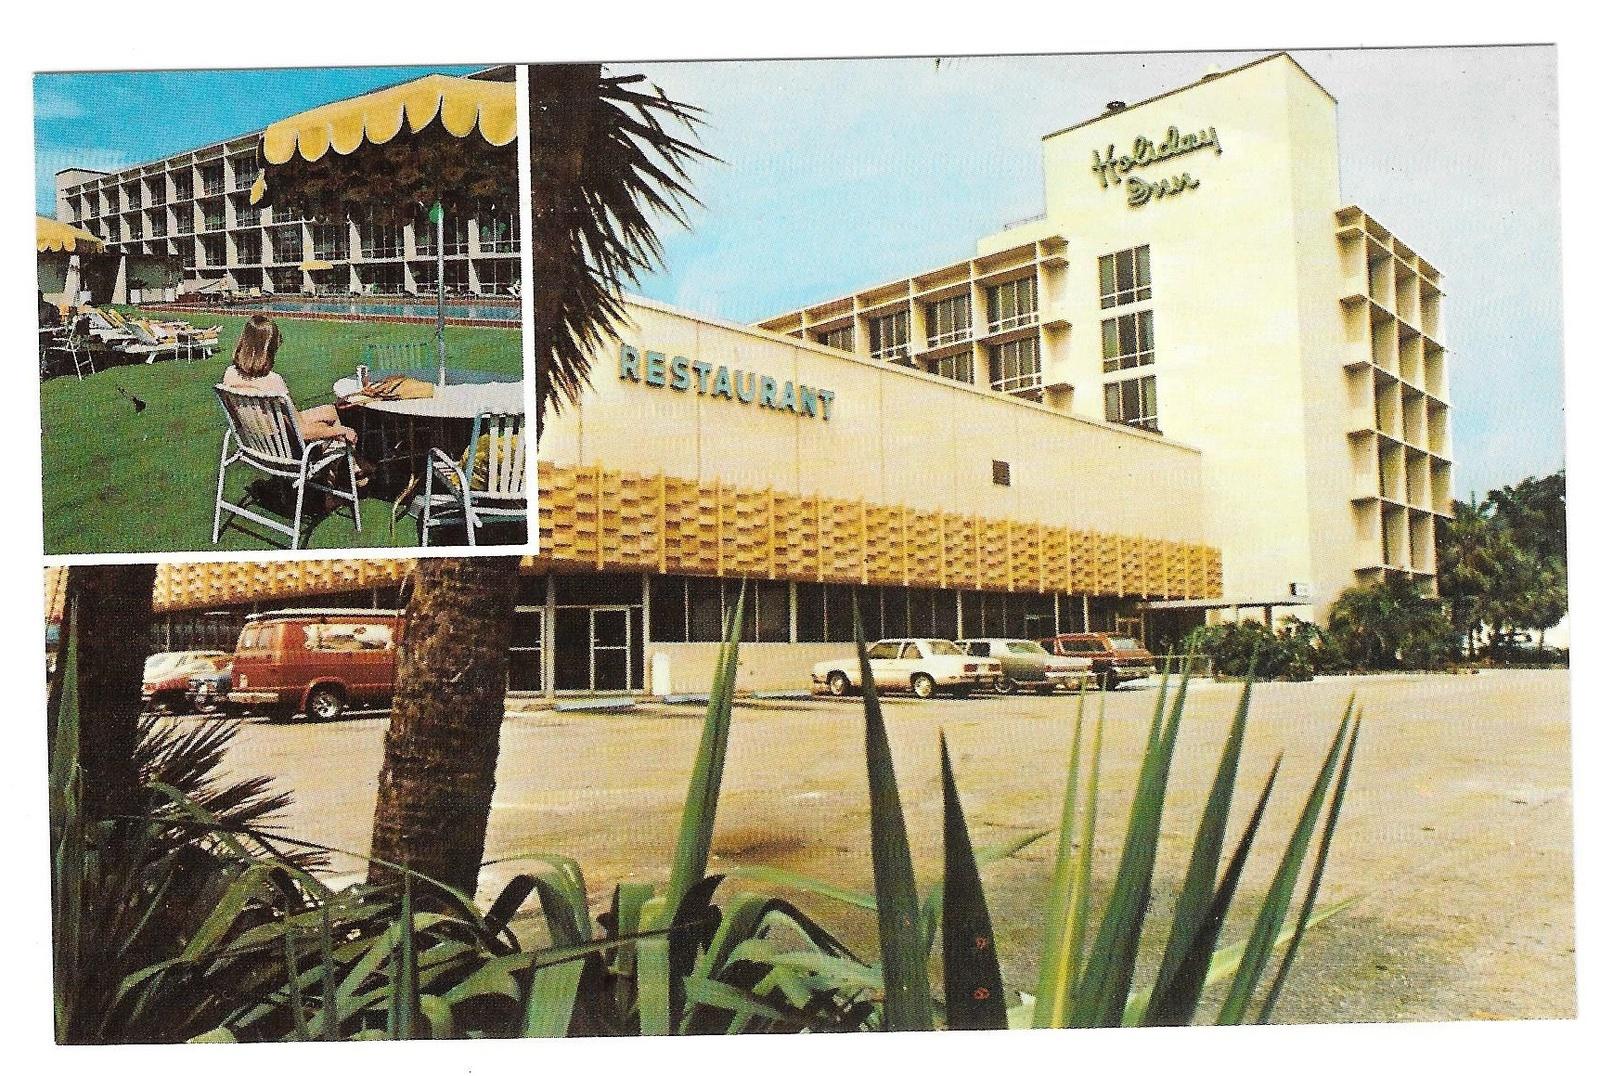 fl gainesville holiday inn university center motel vintage postcard florida. Black Bedroom Furniture Sets. Home Design Ideas